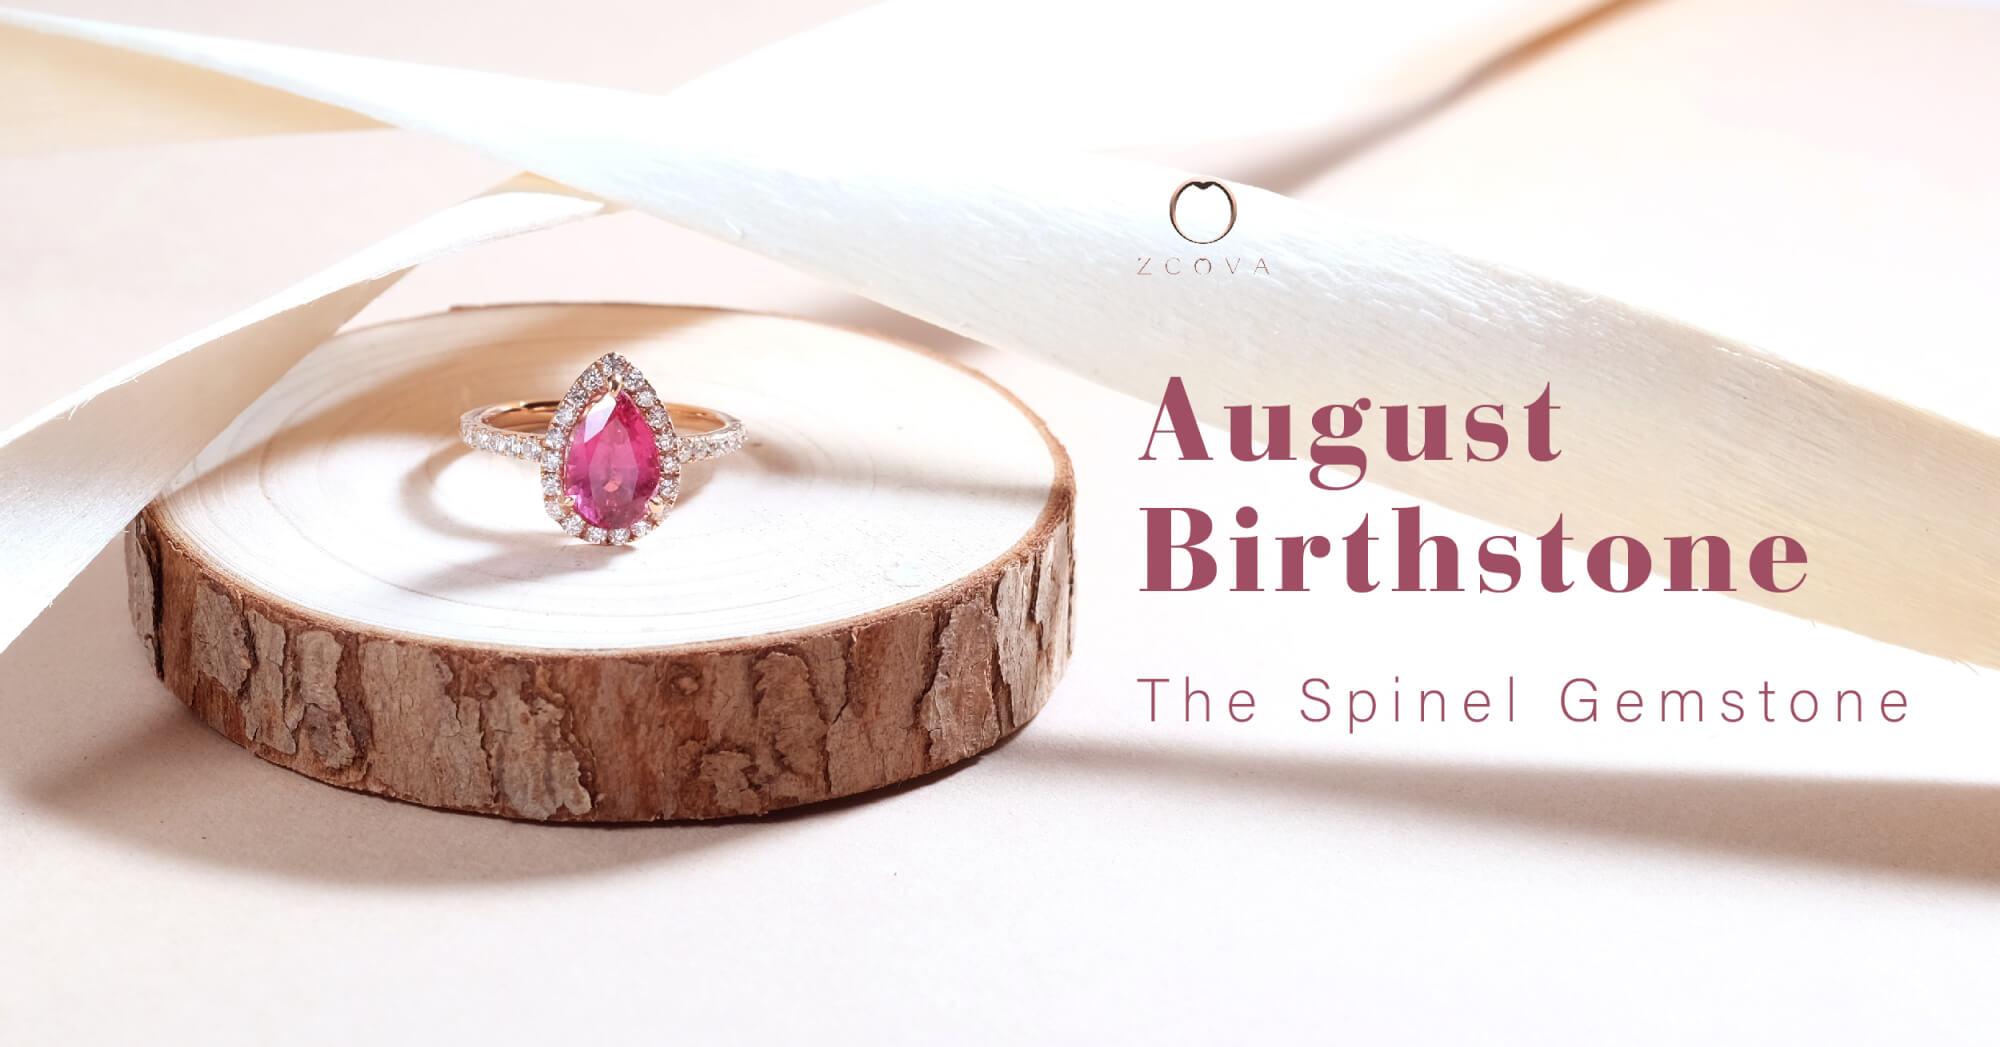 August Birthstone Spinel Gemstone Blog